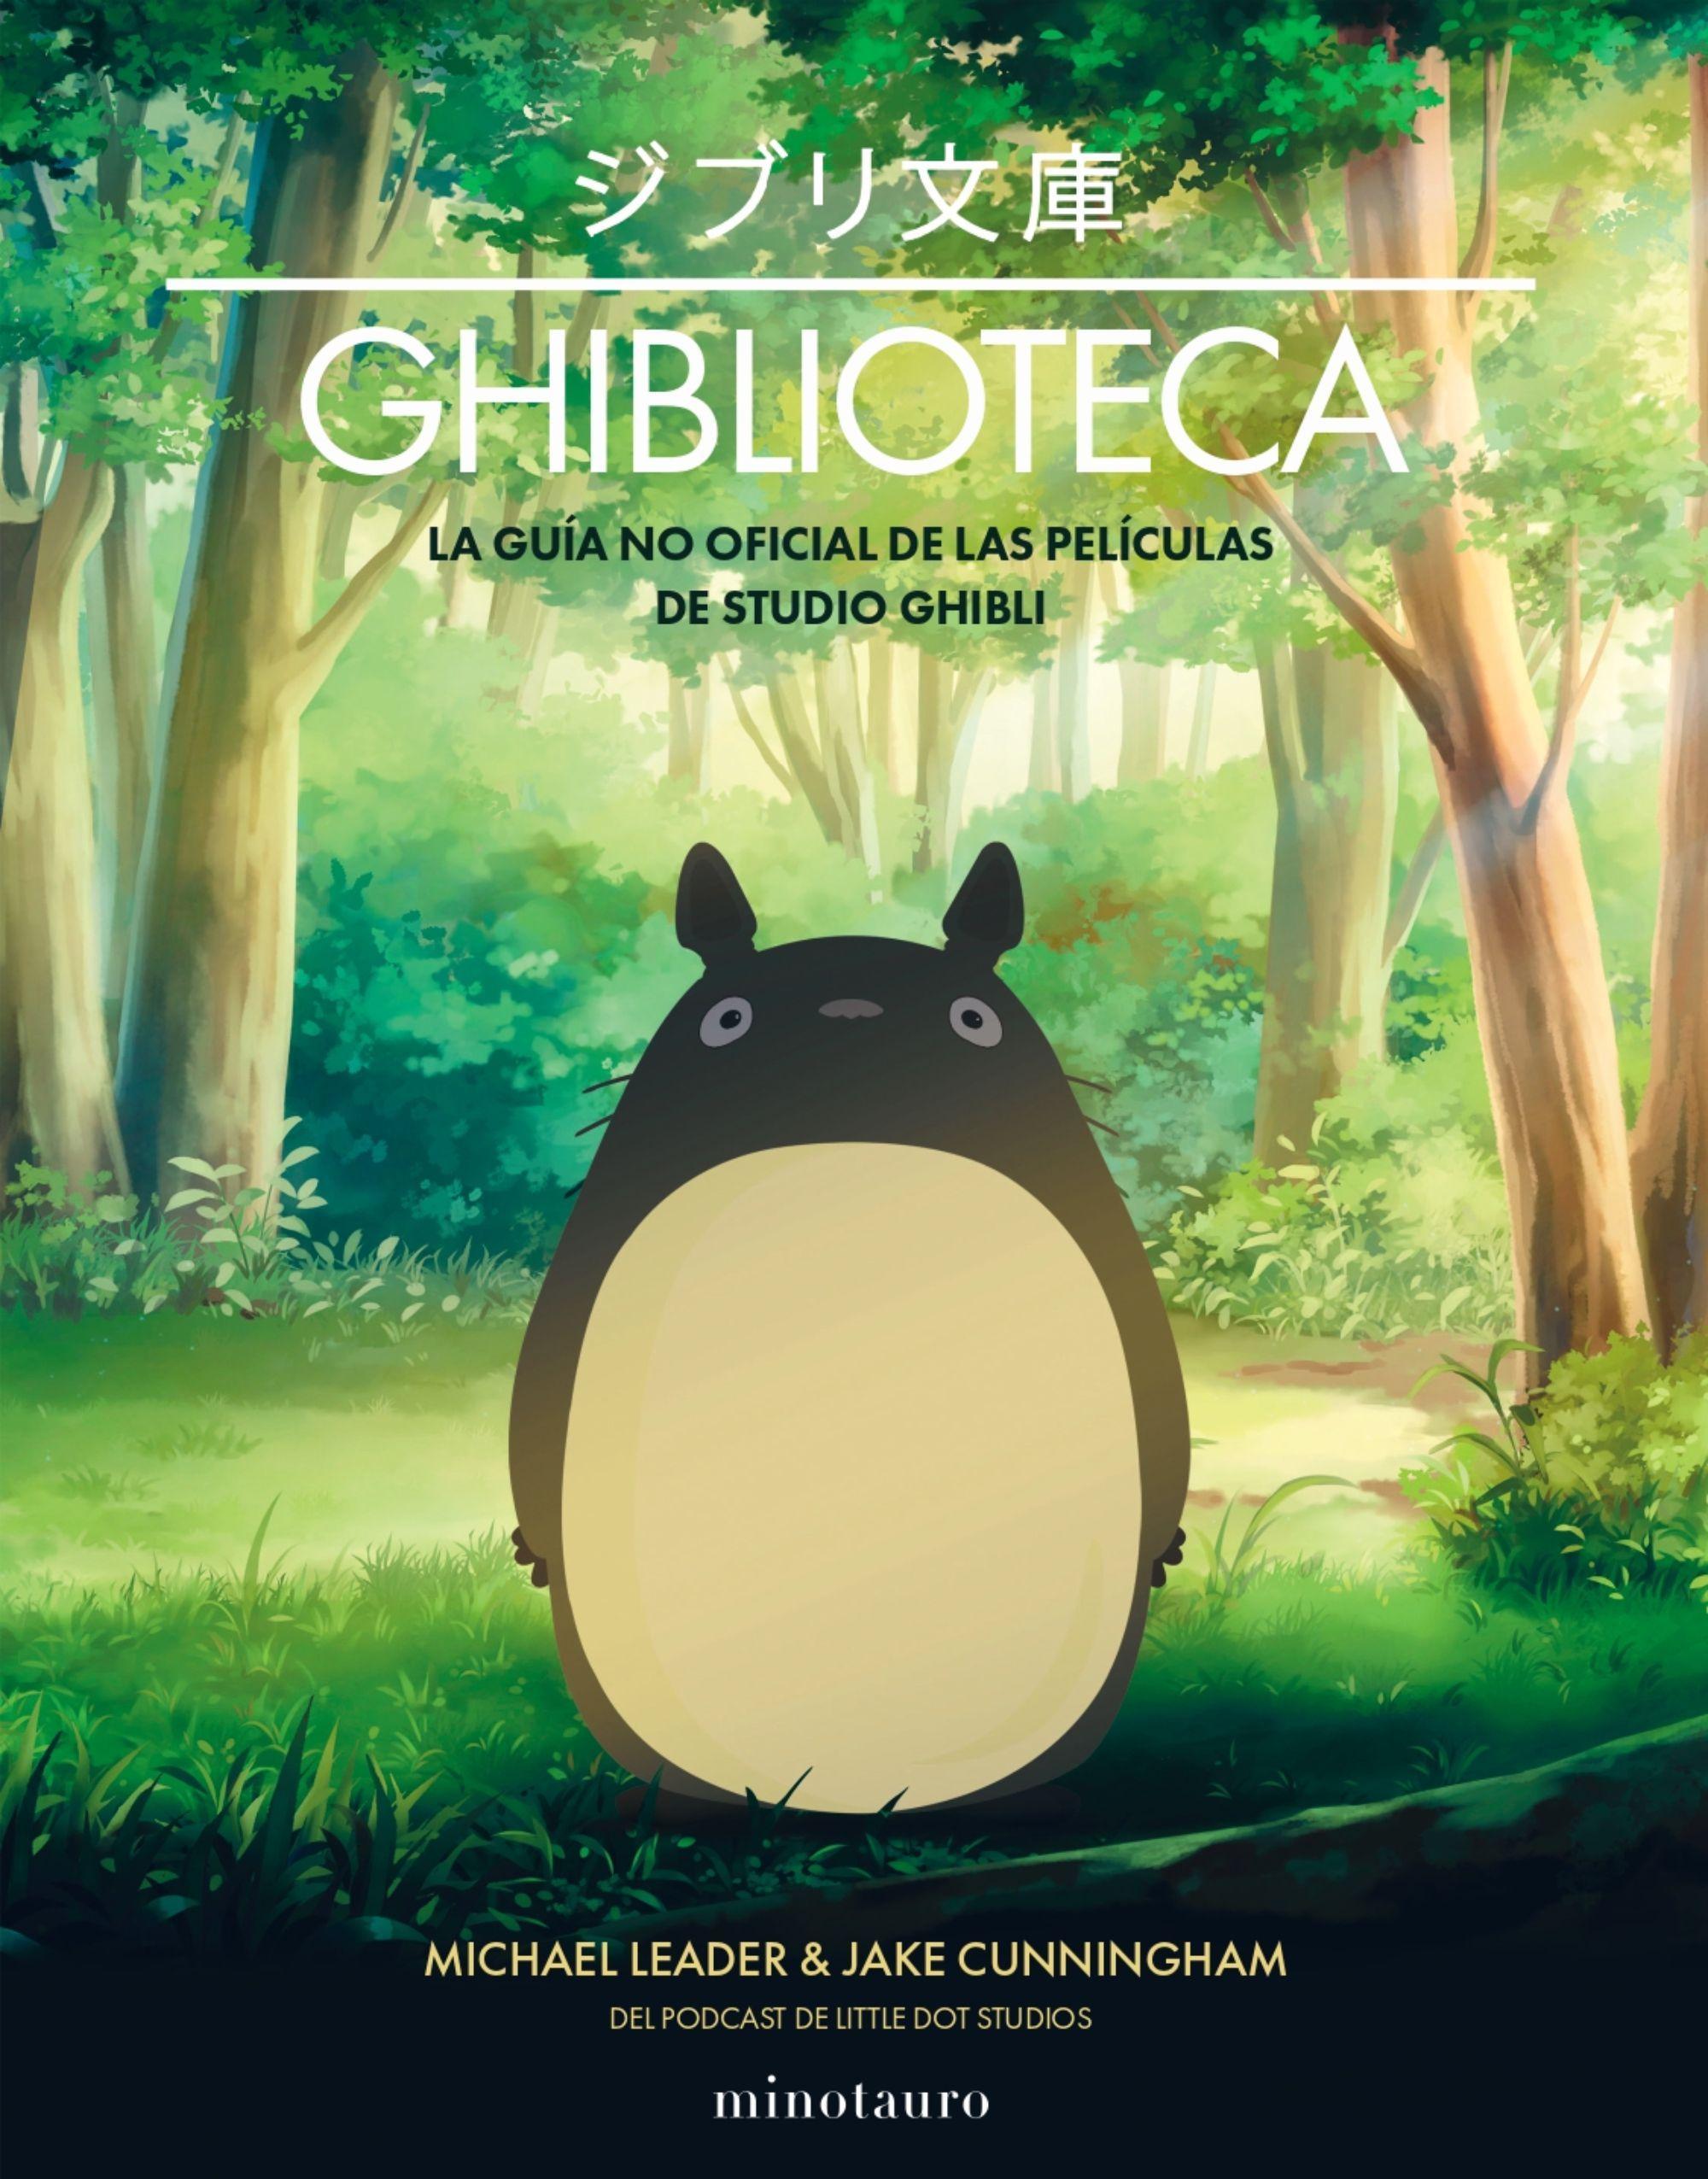 GHIBLIOTECA